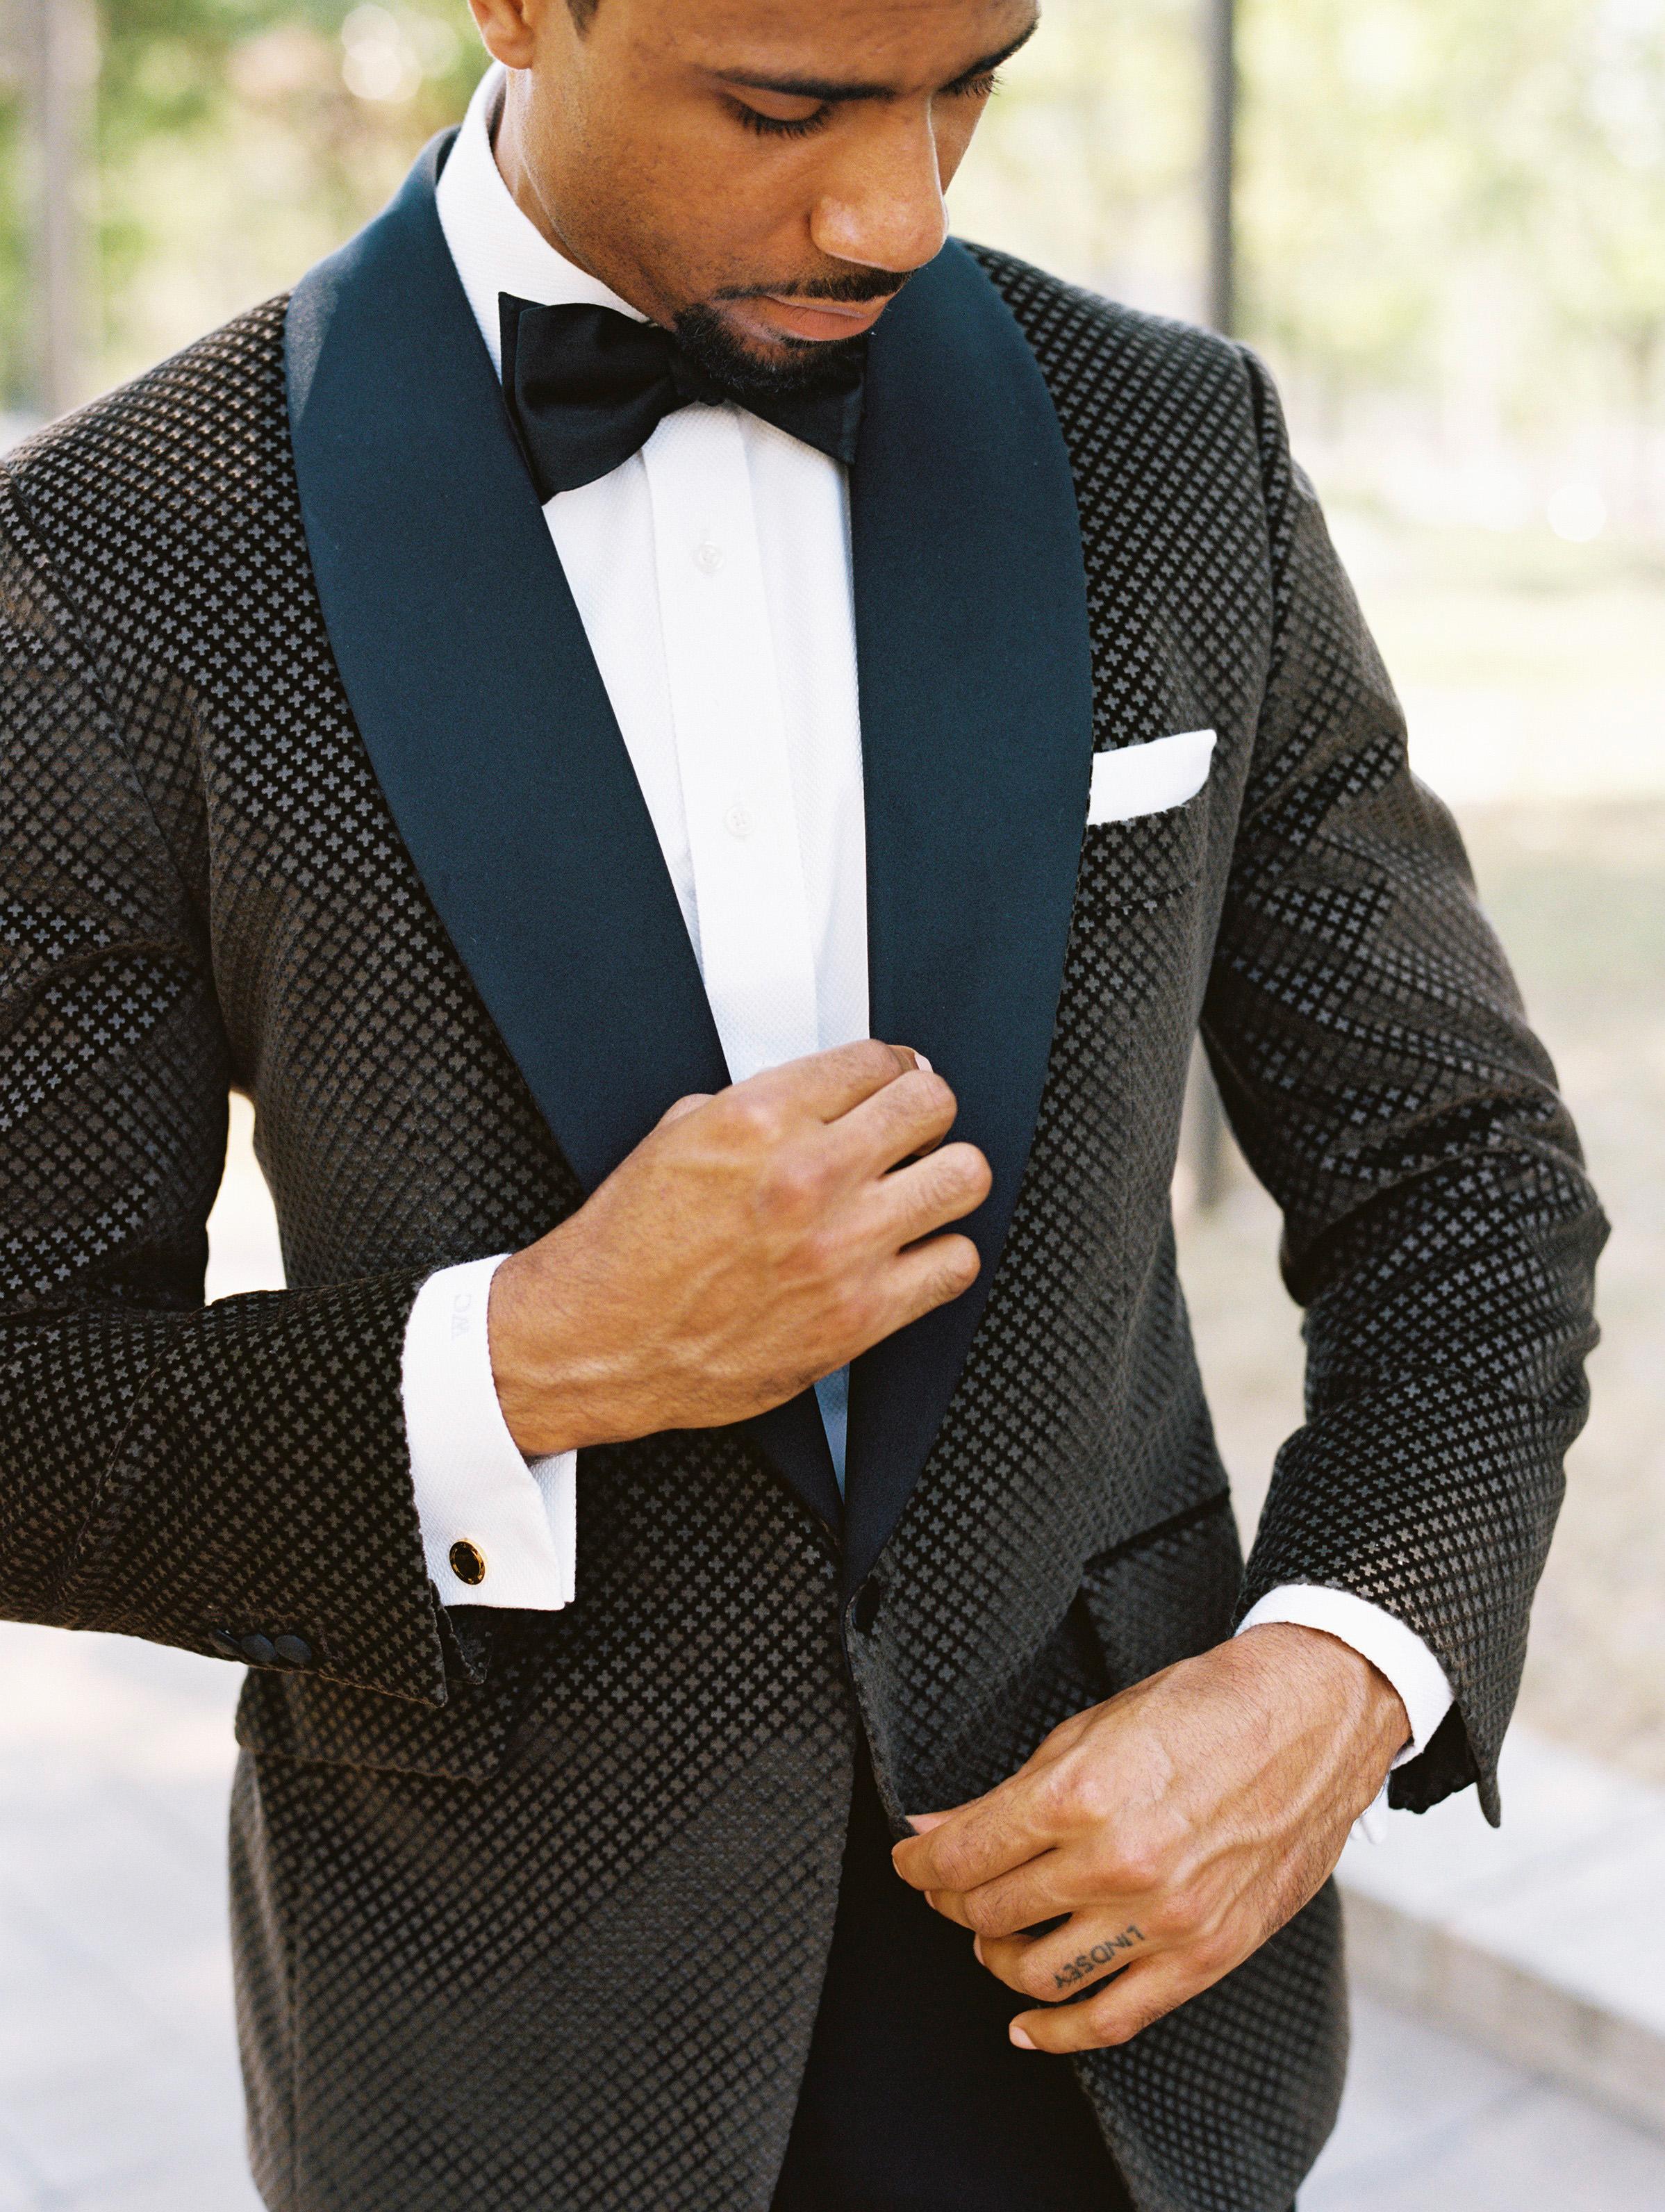 lindsey william wedding dc tuxedo